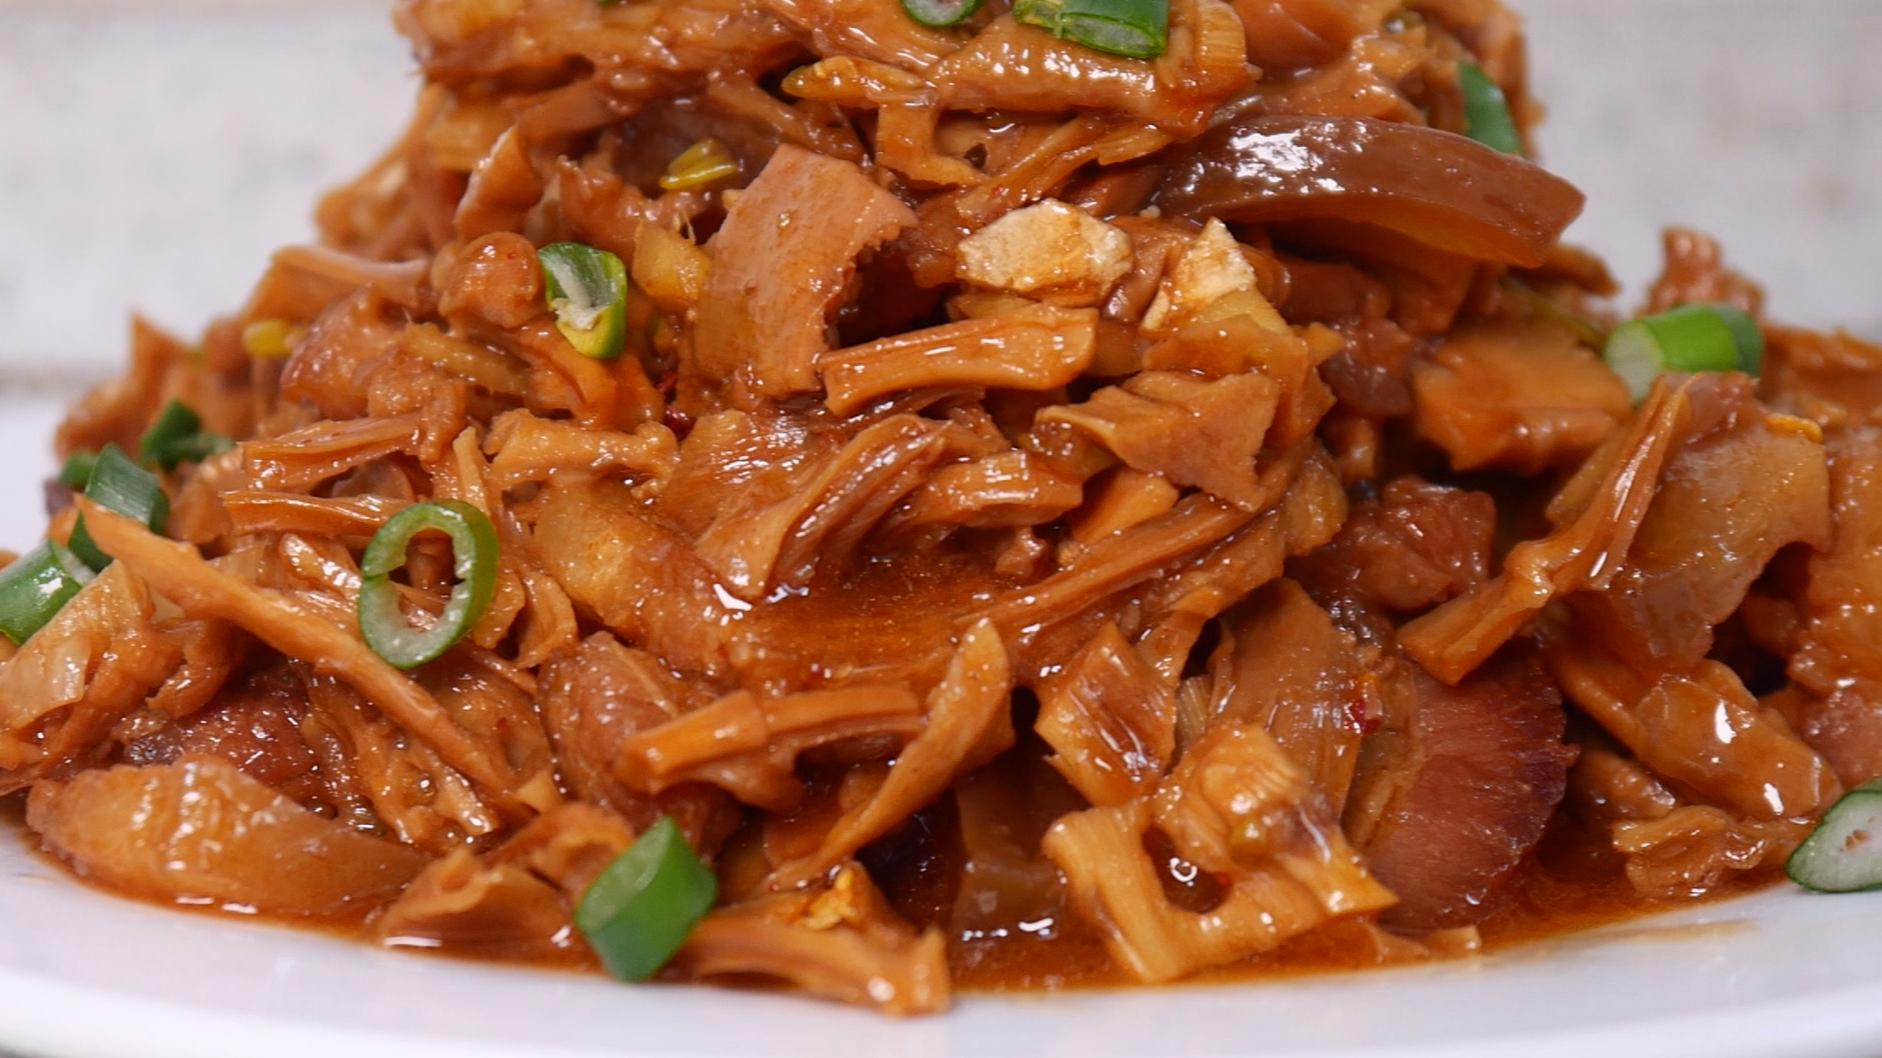 竹笋这样做太好吃了,做法简单,开胃又下饭,光看做法就直流口水